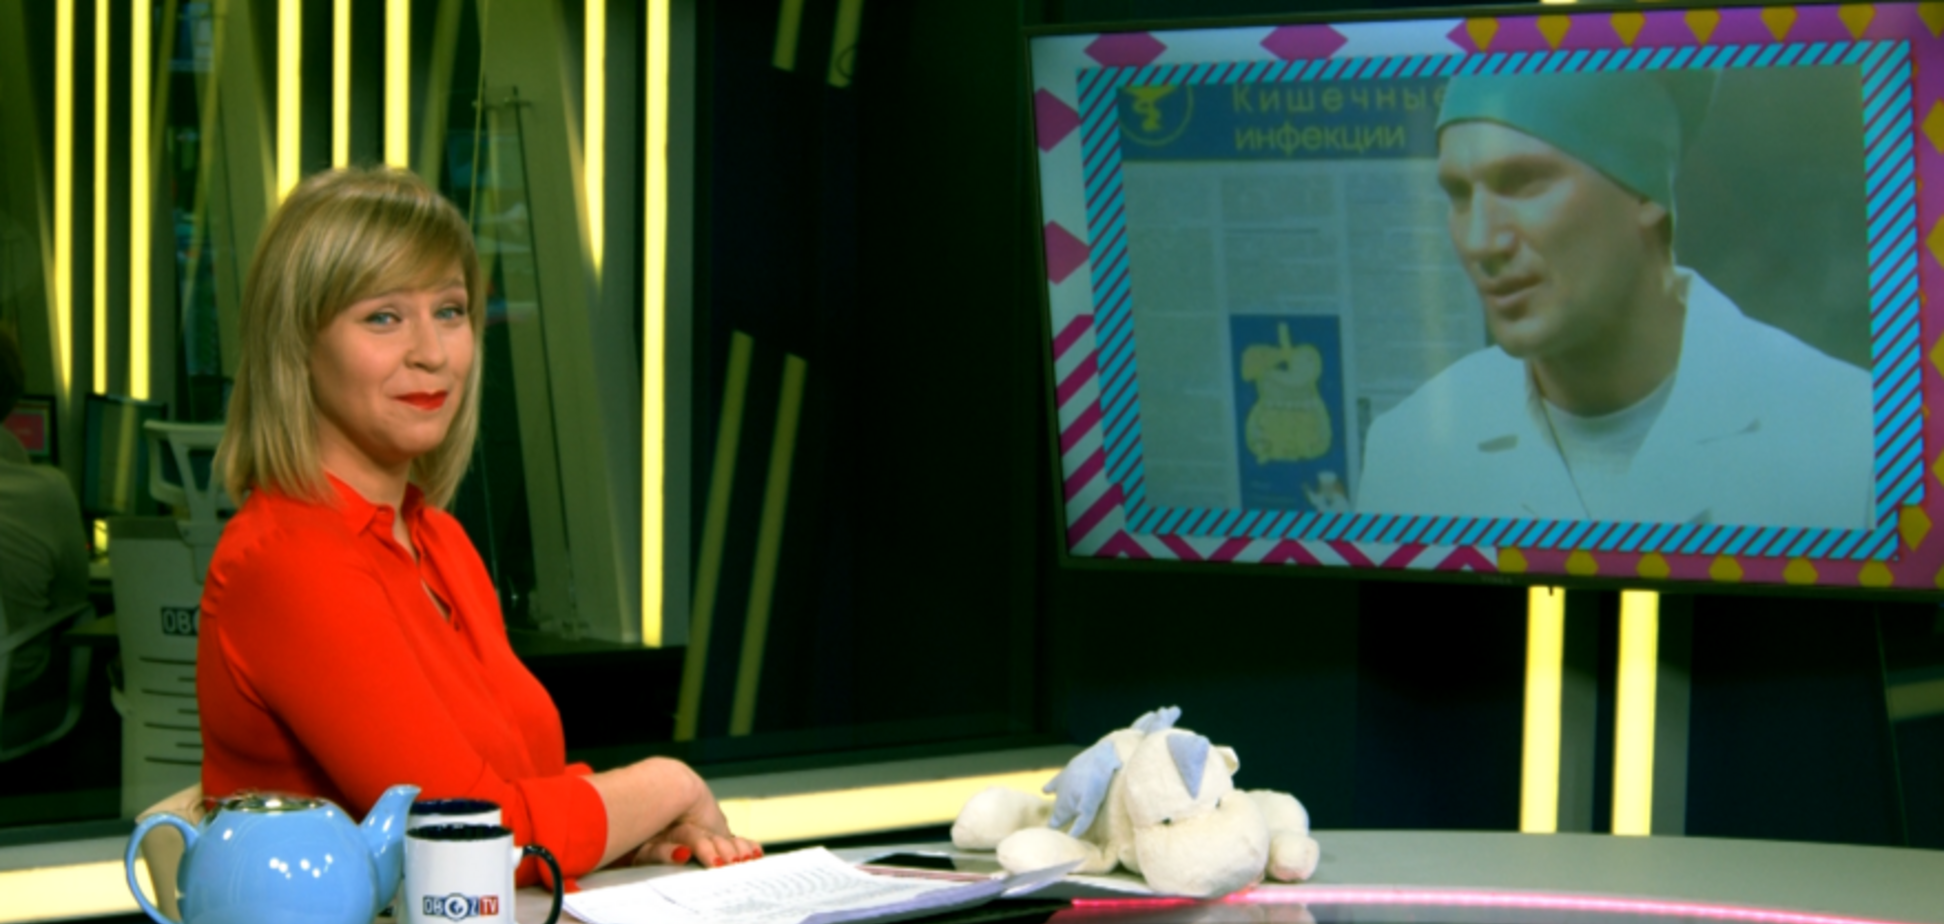 Украинское телевидение в очередной раз понижает планку: кем посчитали зрителей на этот раз